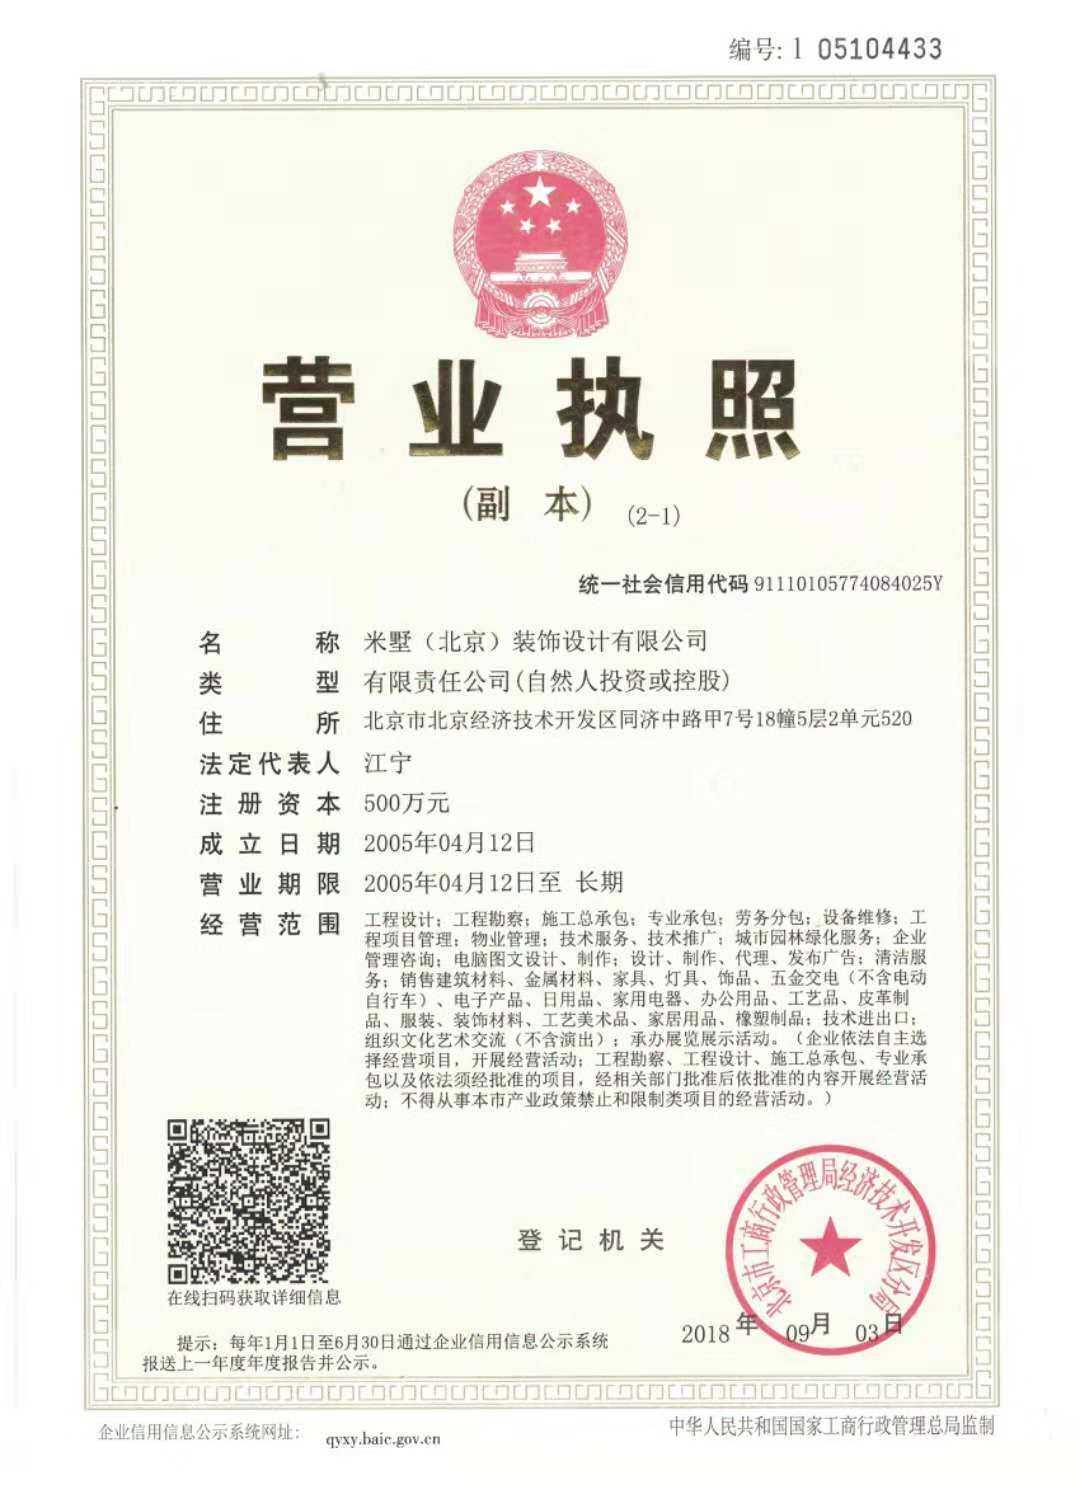 米墅(北京)装饰设计工程有限公司